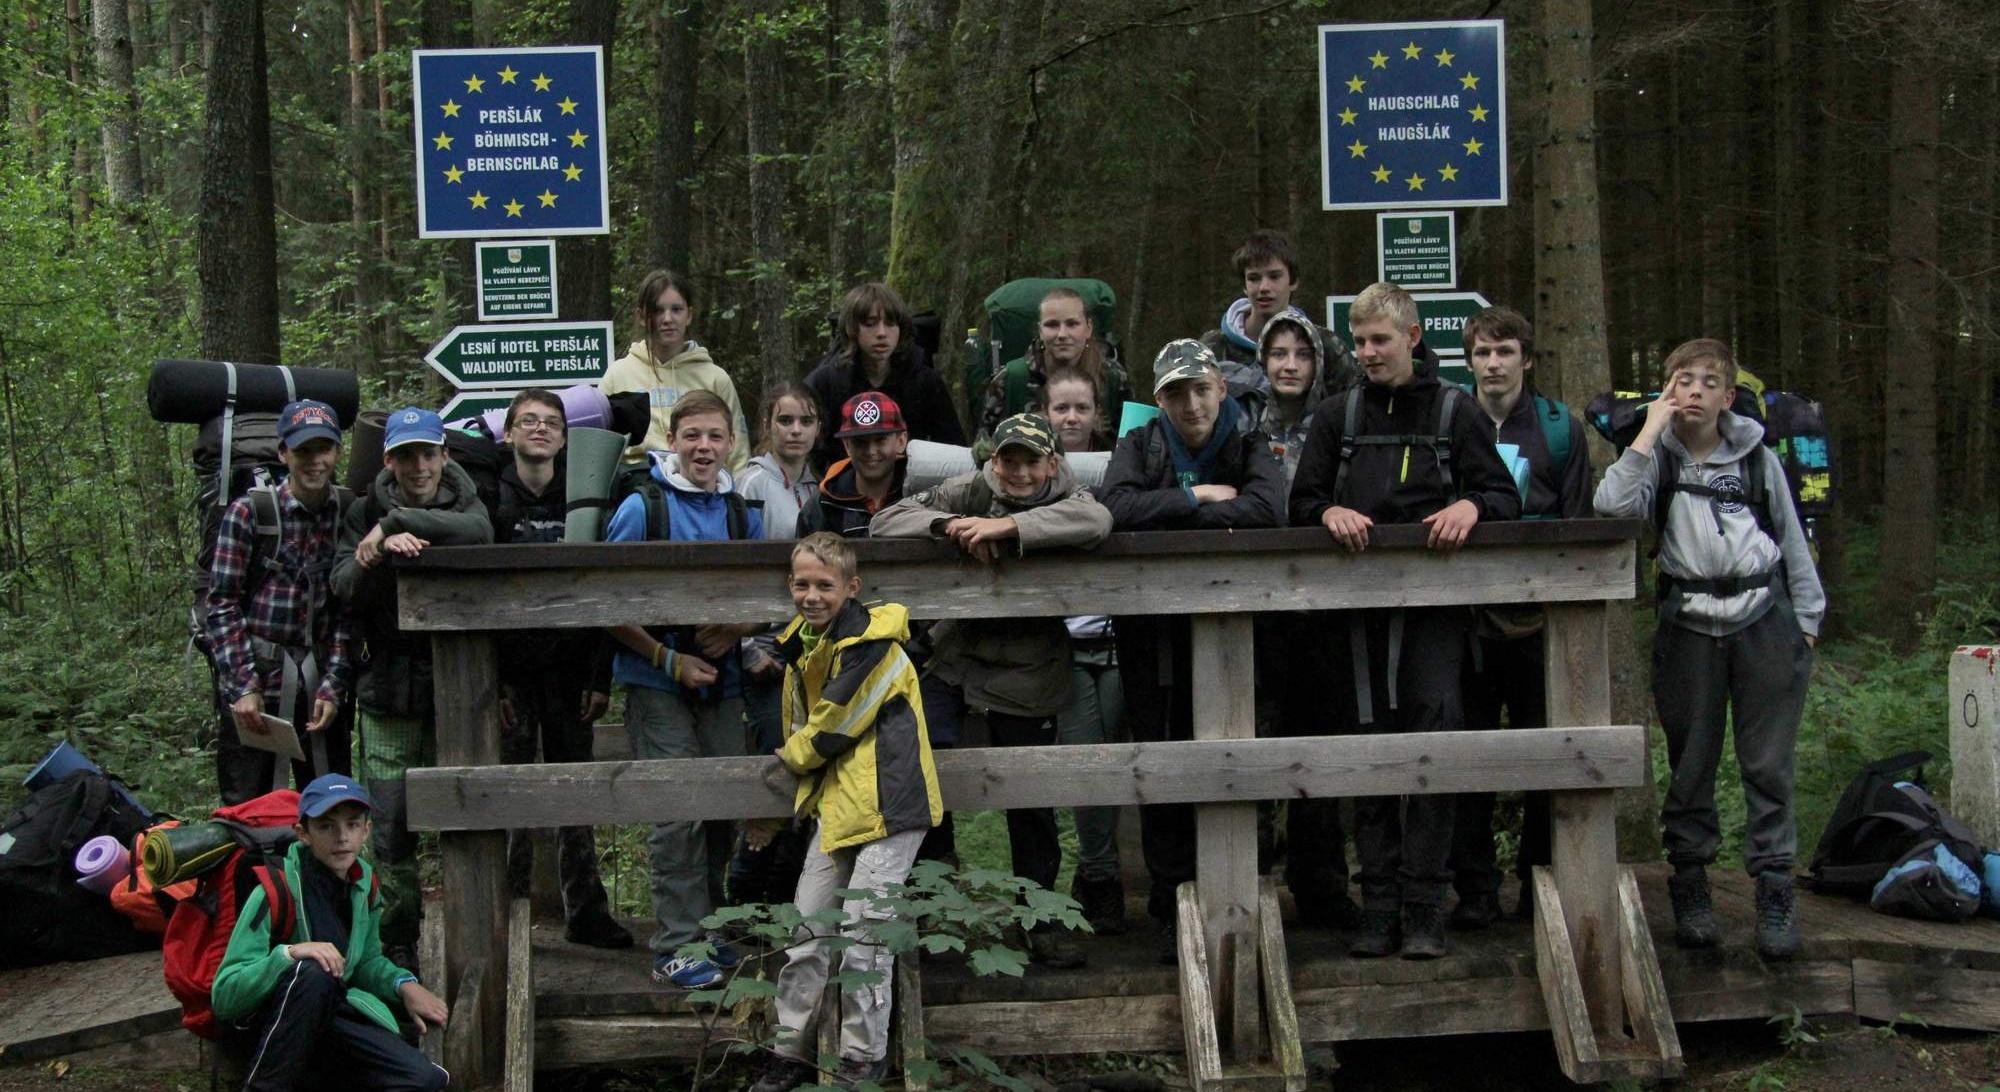 Výlety po jižních Čechách #1: Lásenice - Rakousko